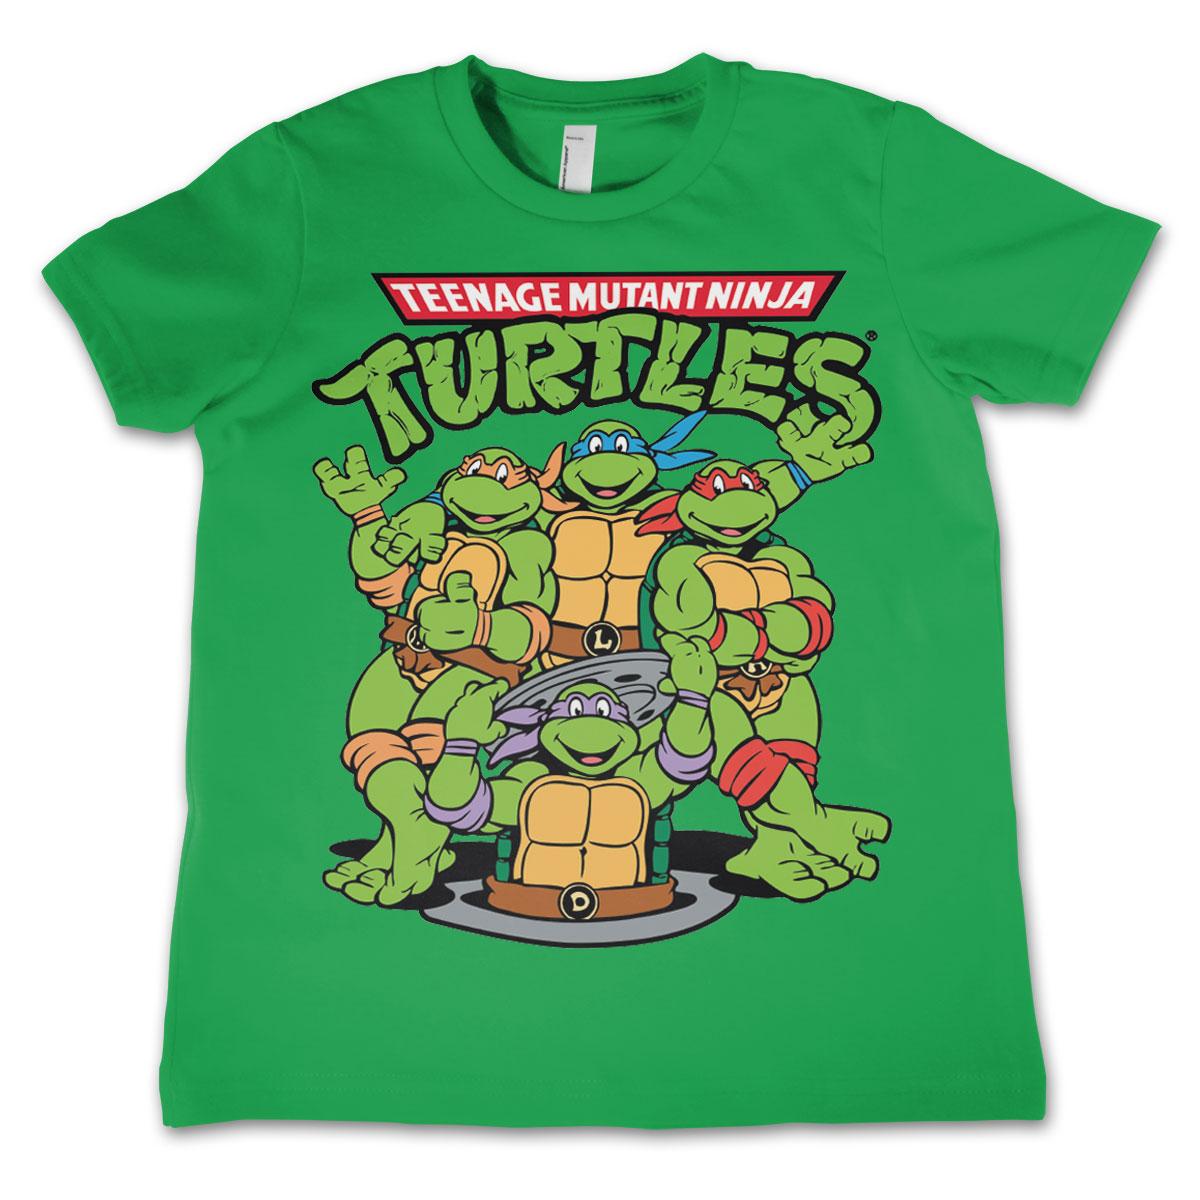 turtles_kids_t-shirt